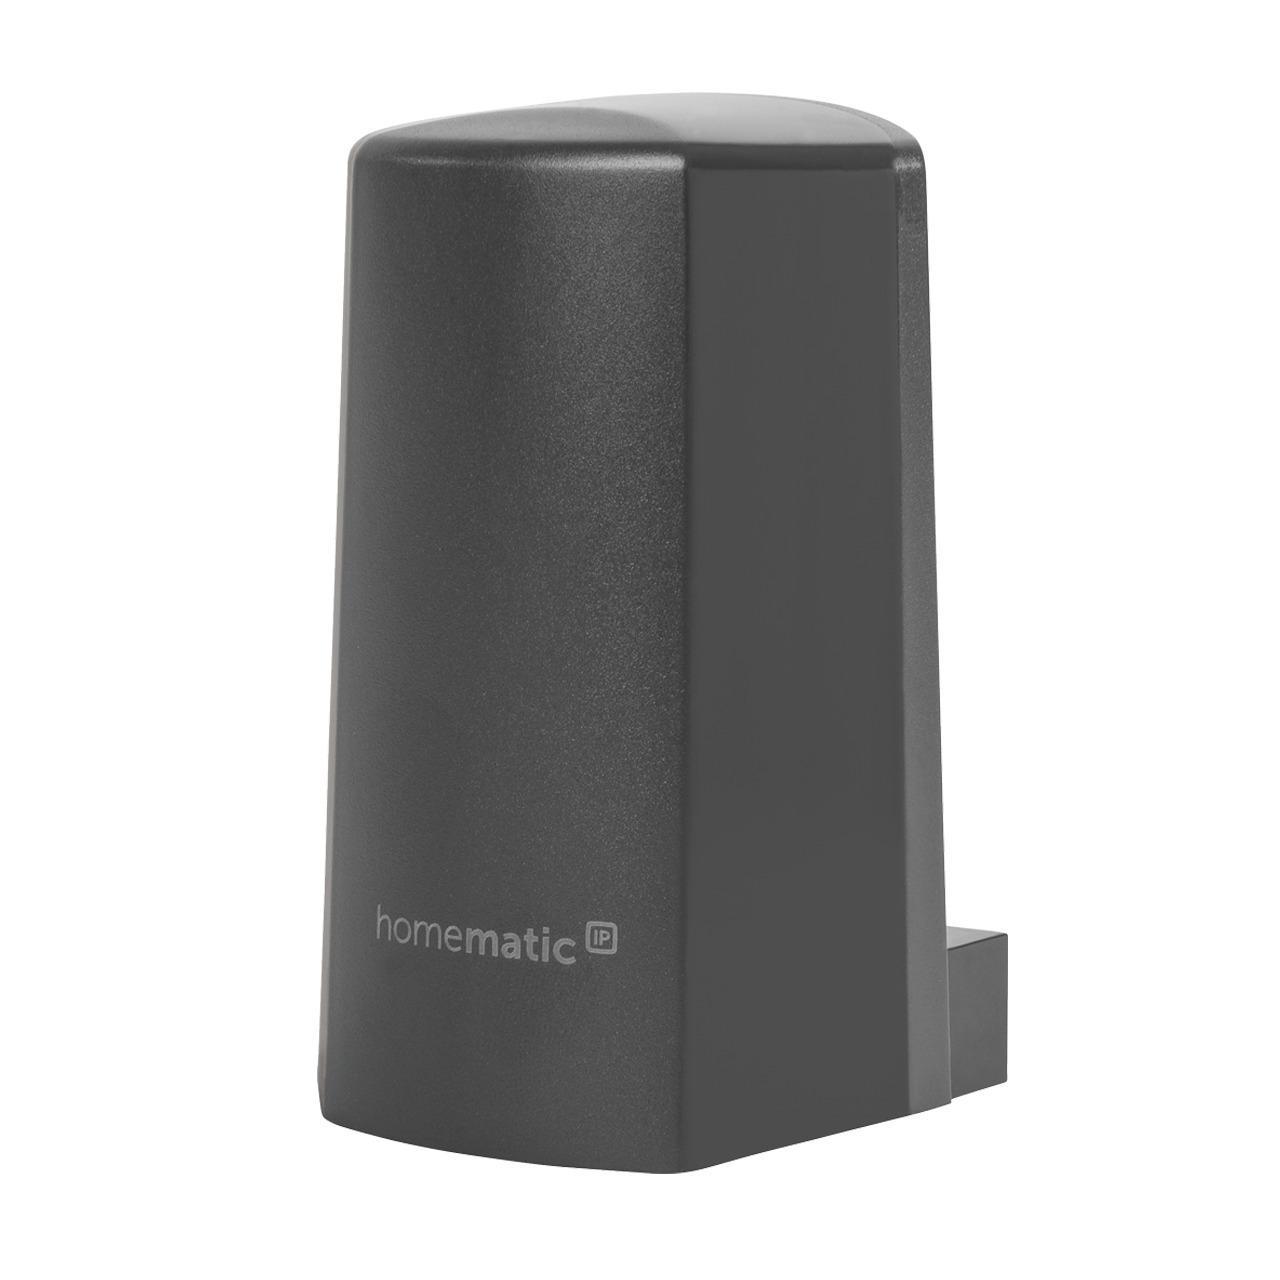 Homematic IP Smart Home Funk-Temperatur- und Luftfeuchtigkeitssensor HmIP-STHO-A- anthrazit- aussen